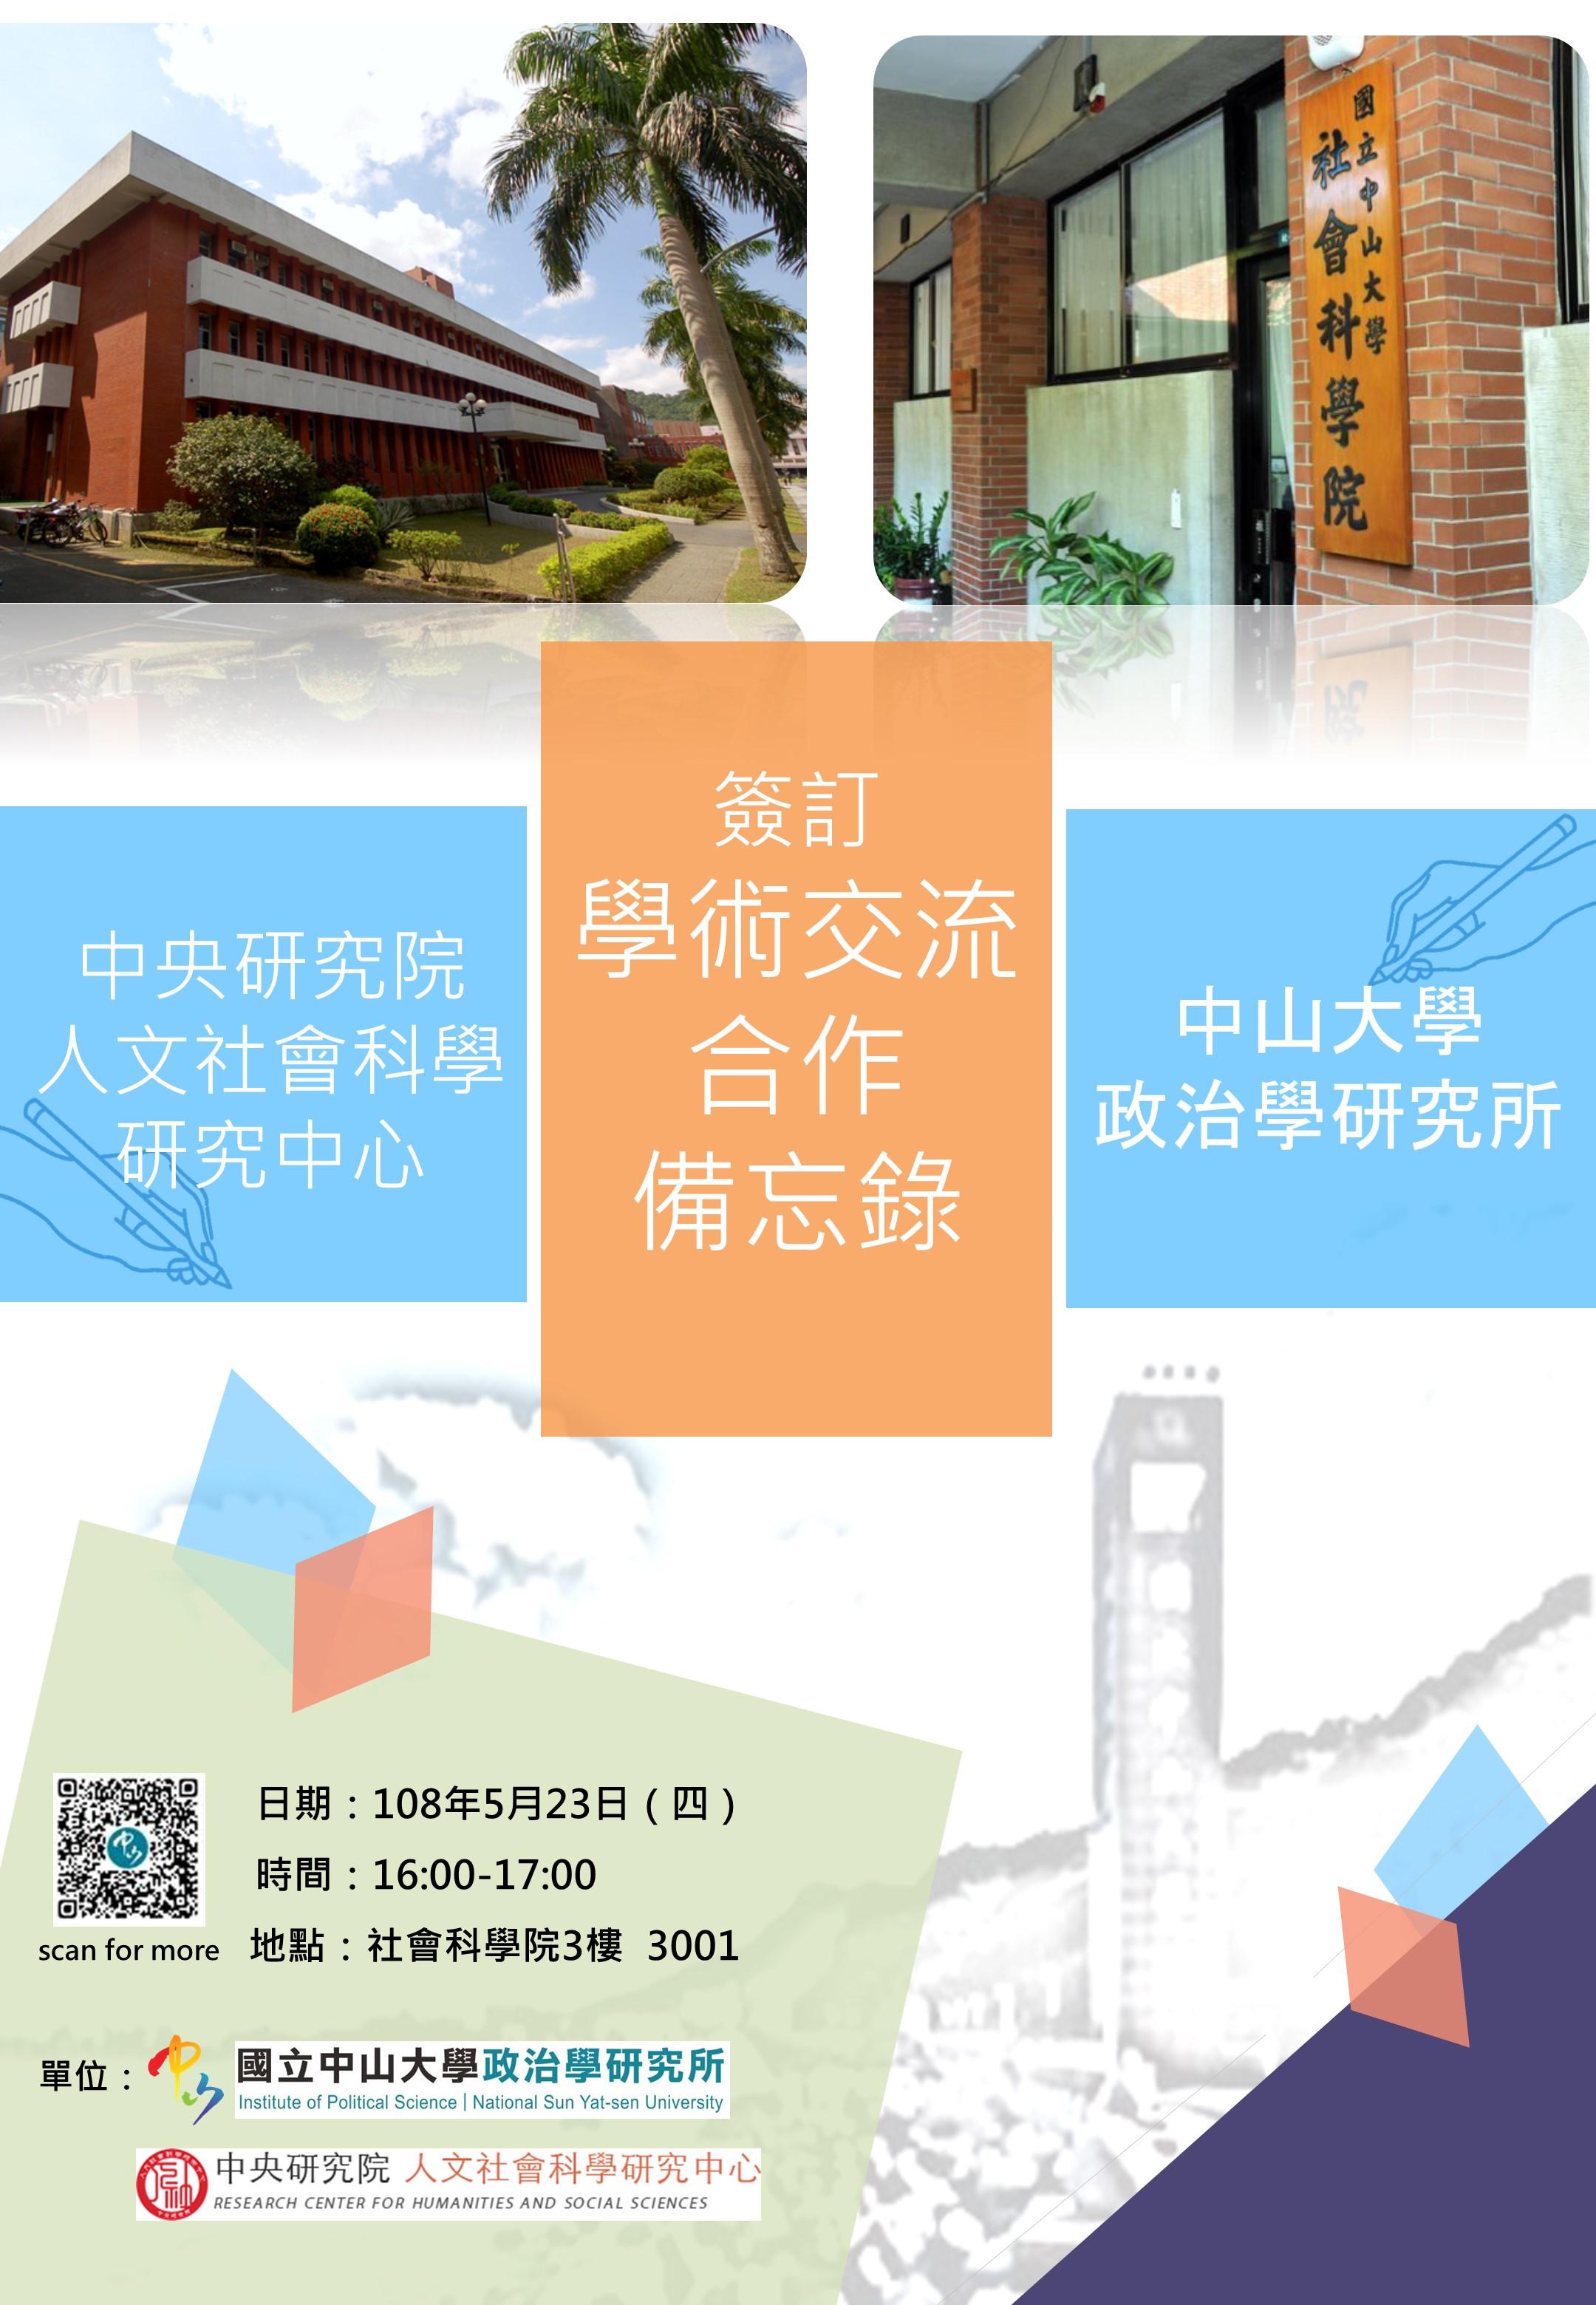 中山政研所與中央研究院人文社會科學研究中心簽署學術交流備忘錄